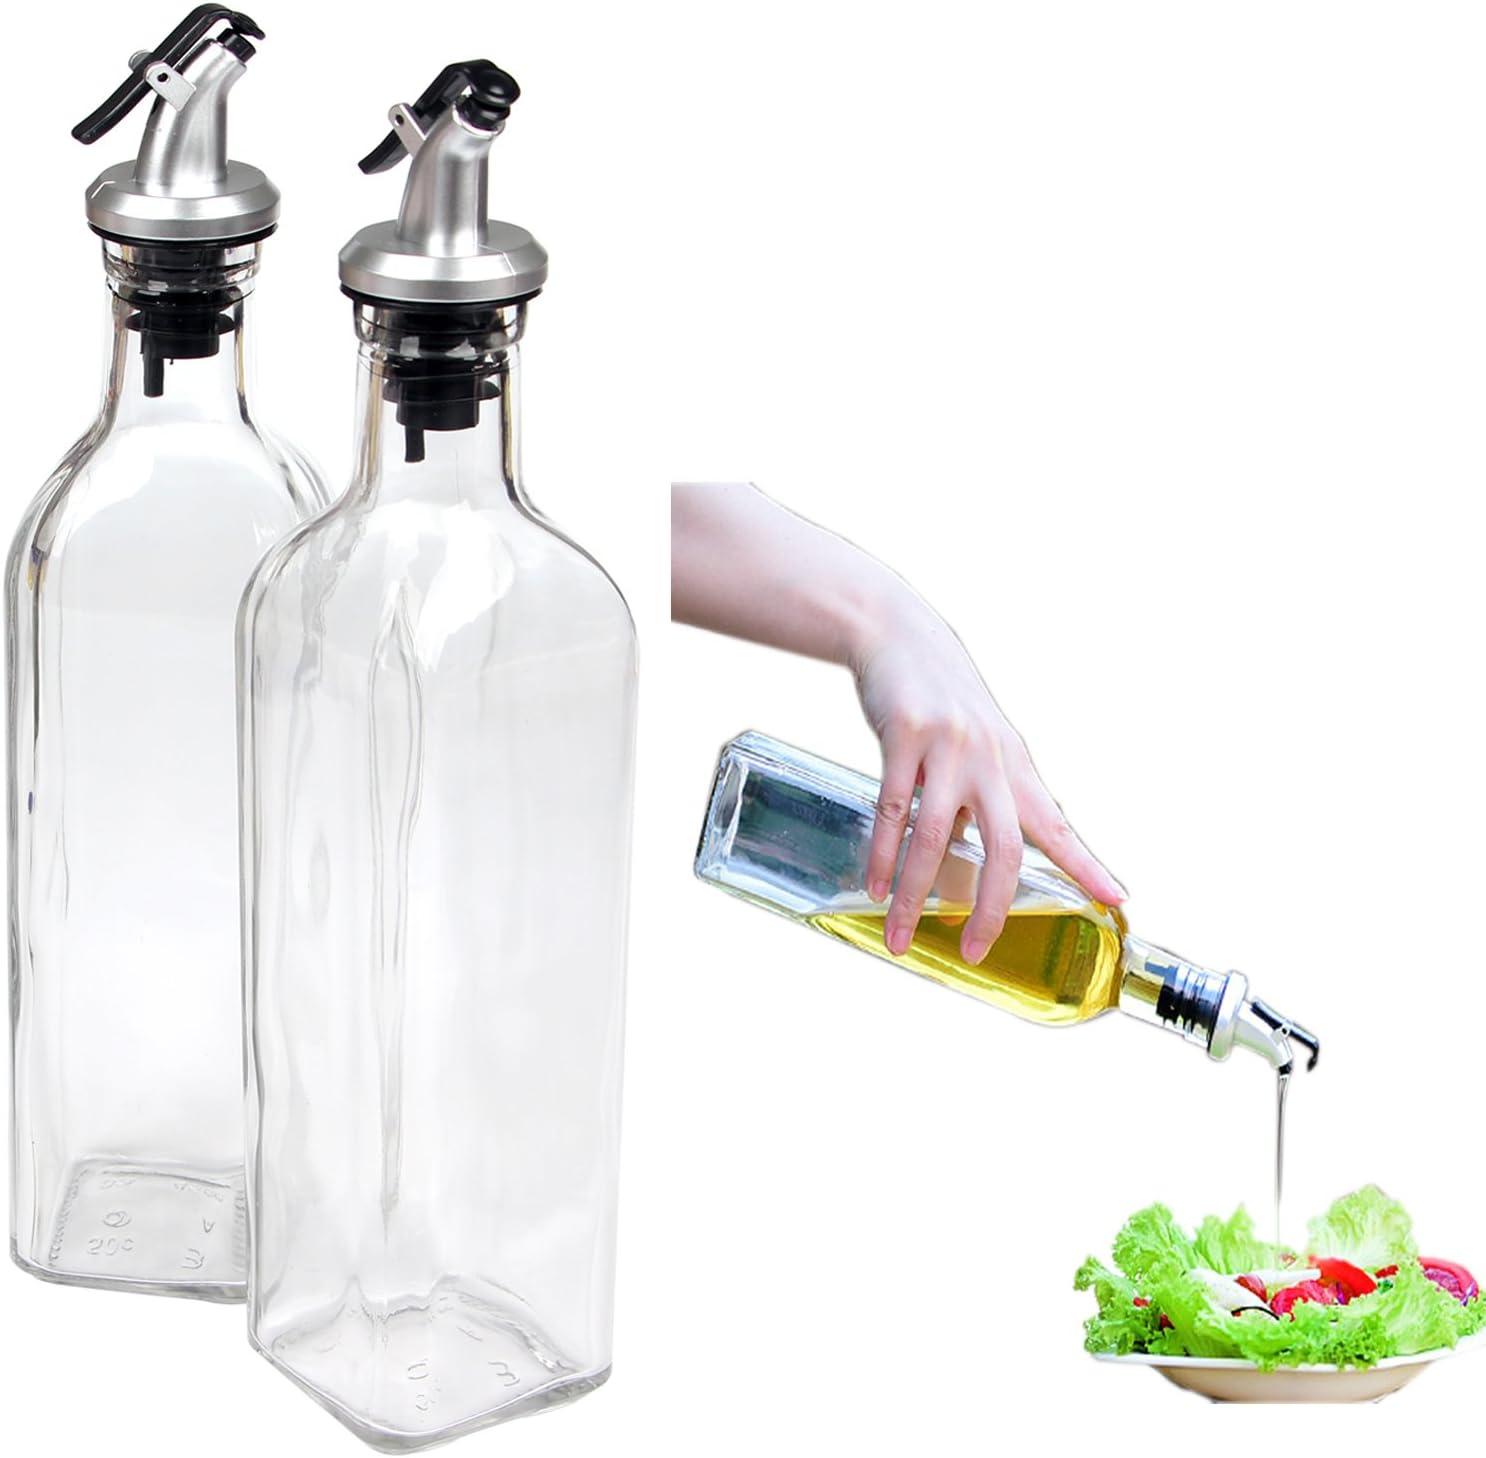 Cruet Oil Dispenser Botella de vidrio para cocinar Contenedor Bote Botella dispensador de aceite